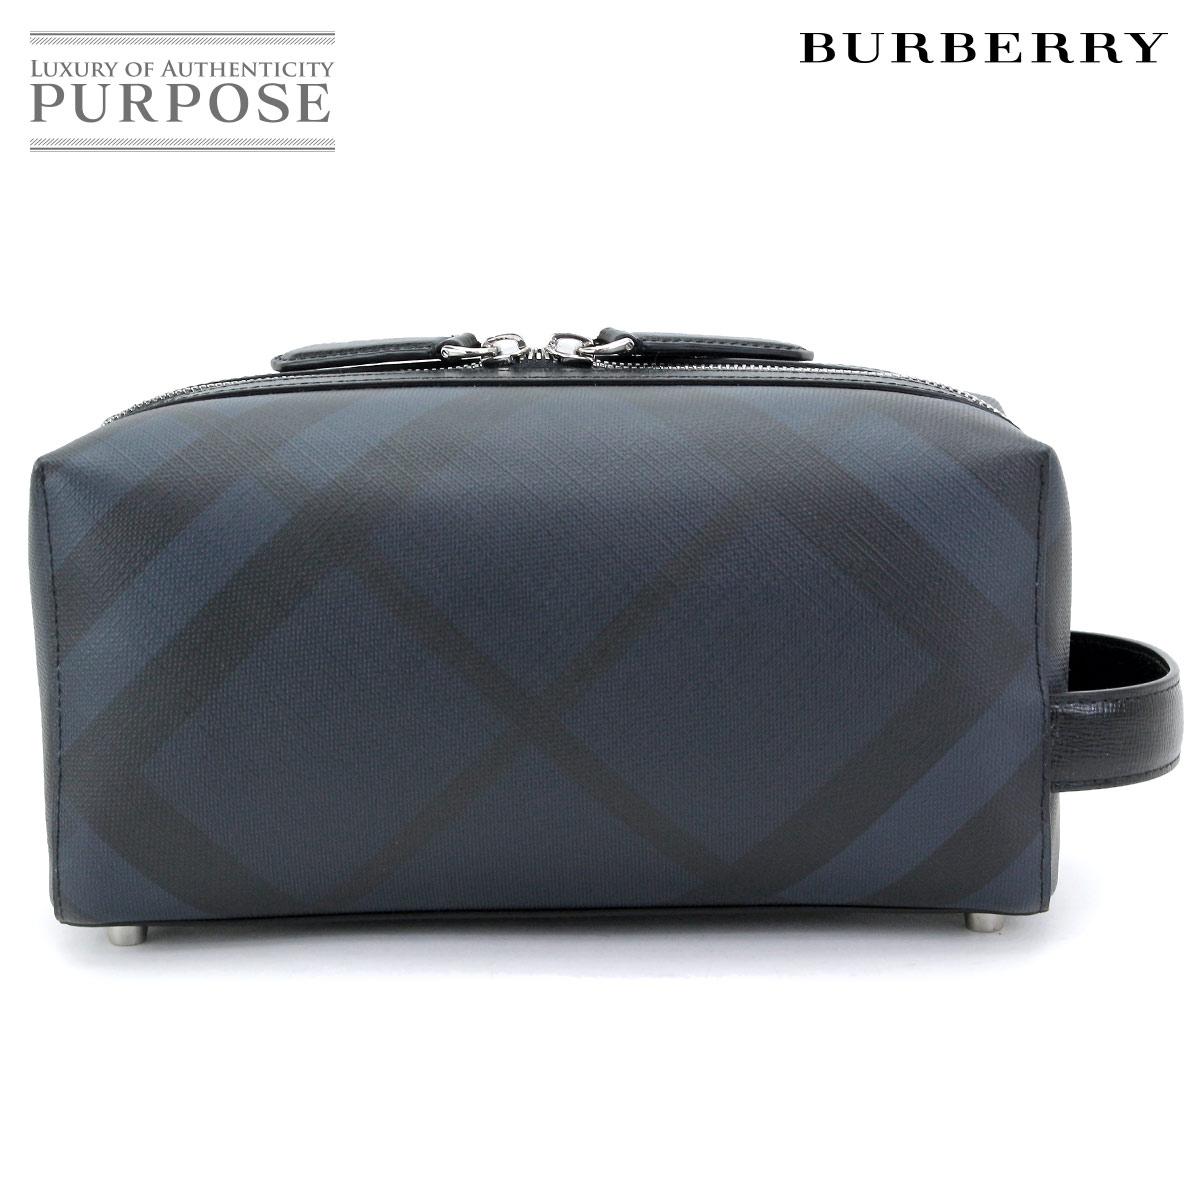 【新品 未使用】 バーバリー BURBERRY ロンドンチェック トラベルポーチ クラッチ バッグ PVC ネイビー ブラック 4068331 【中古】